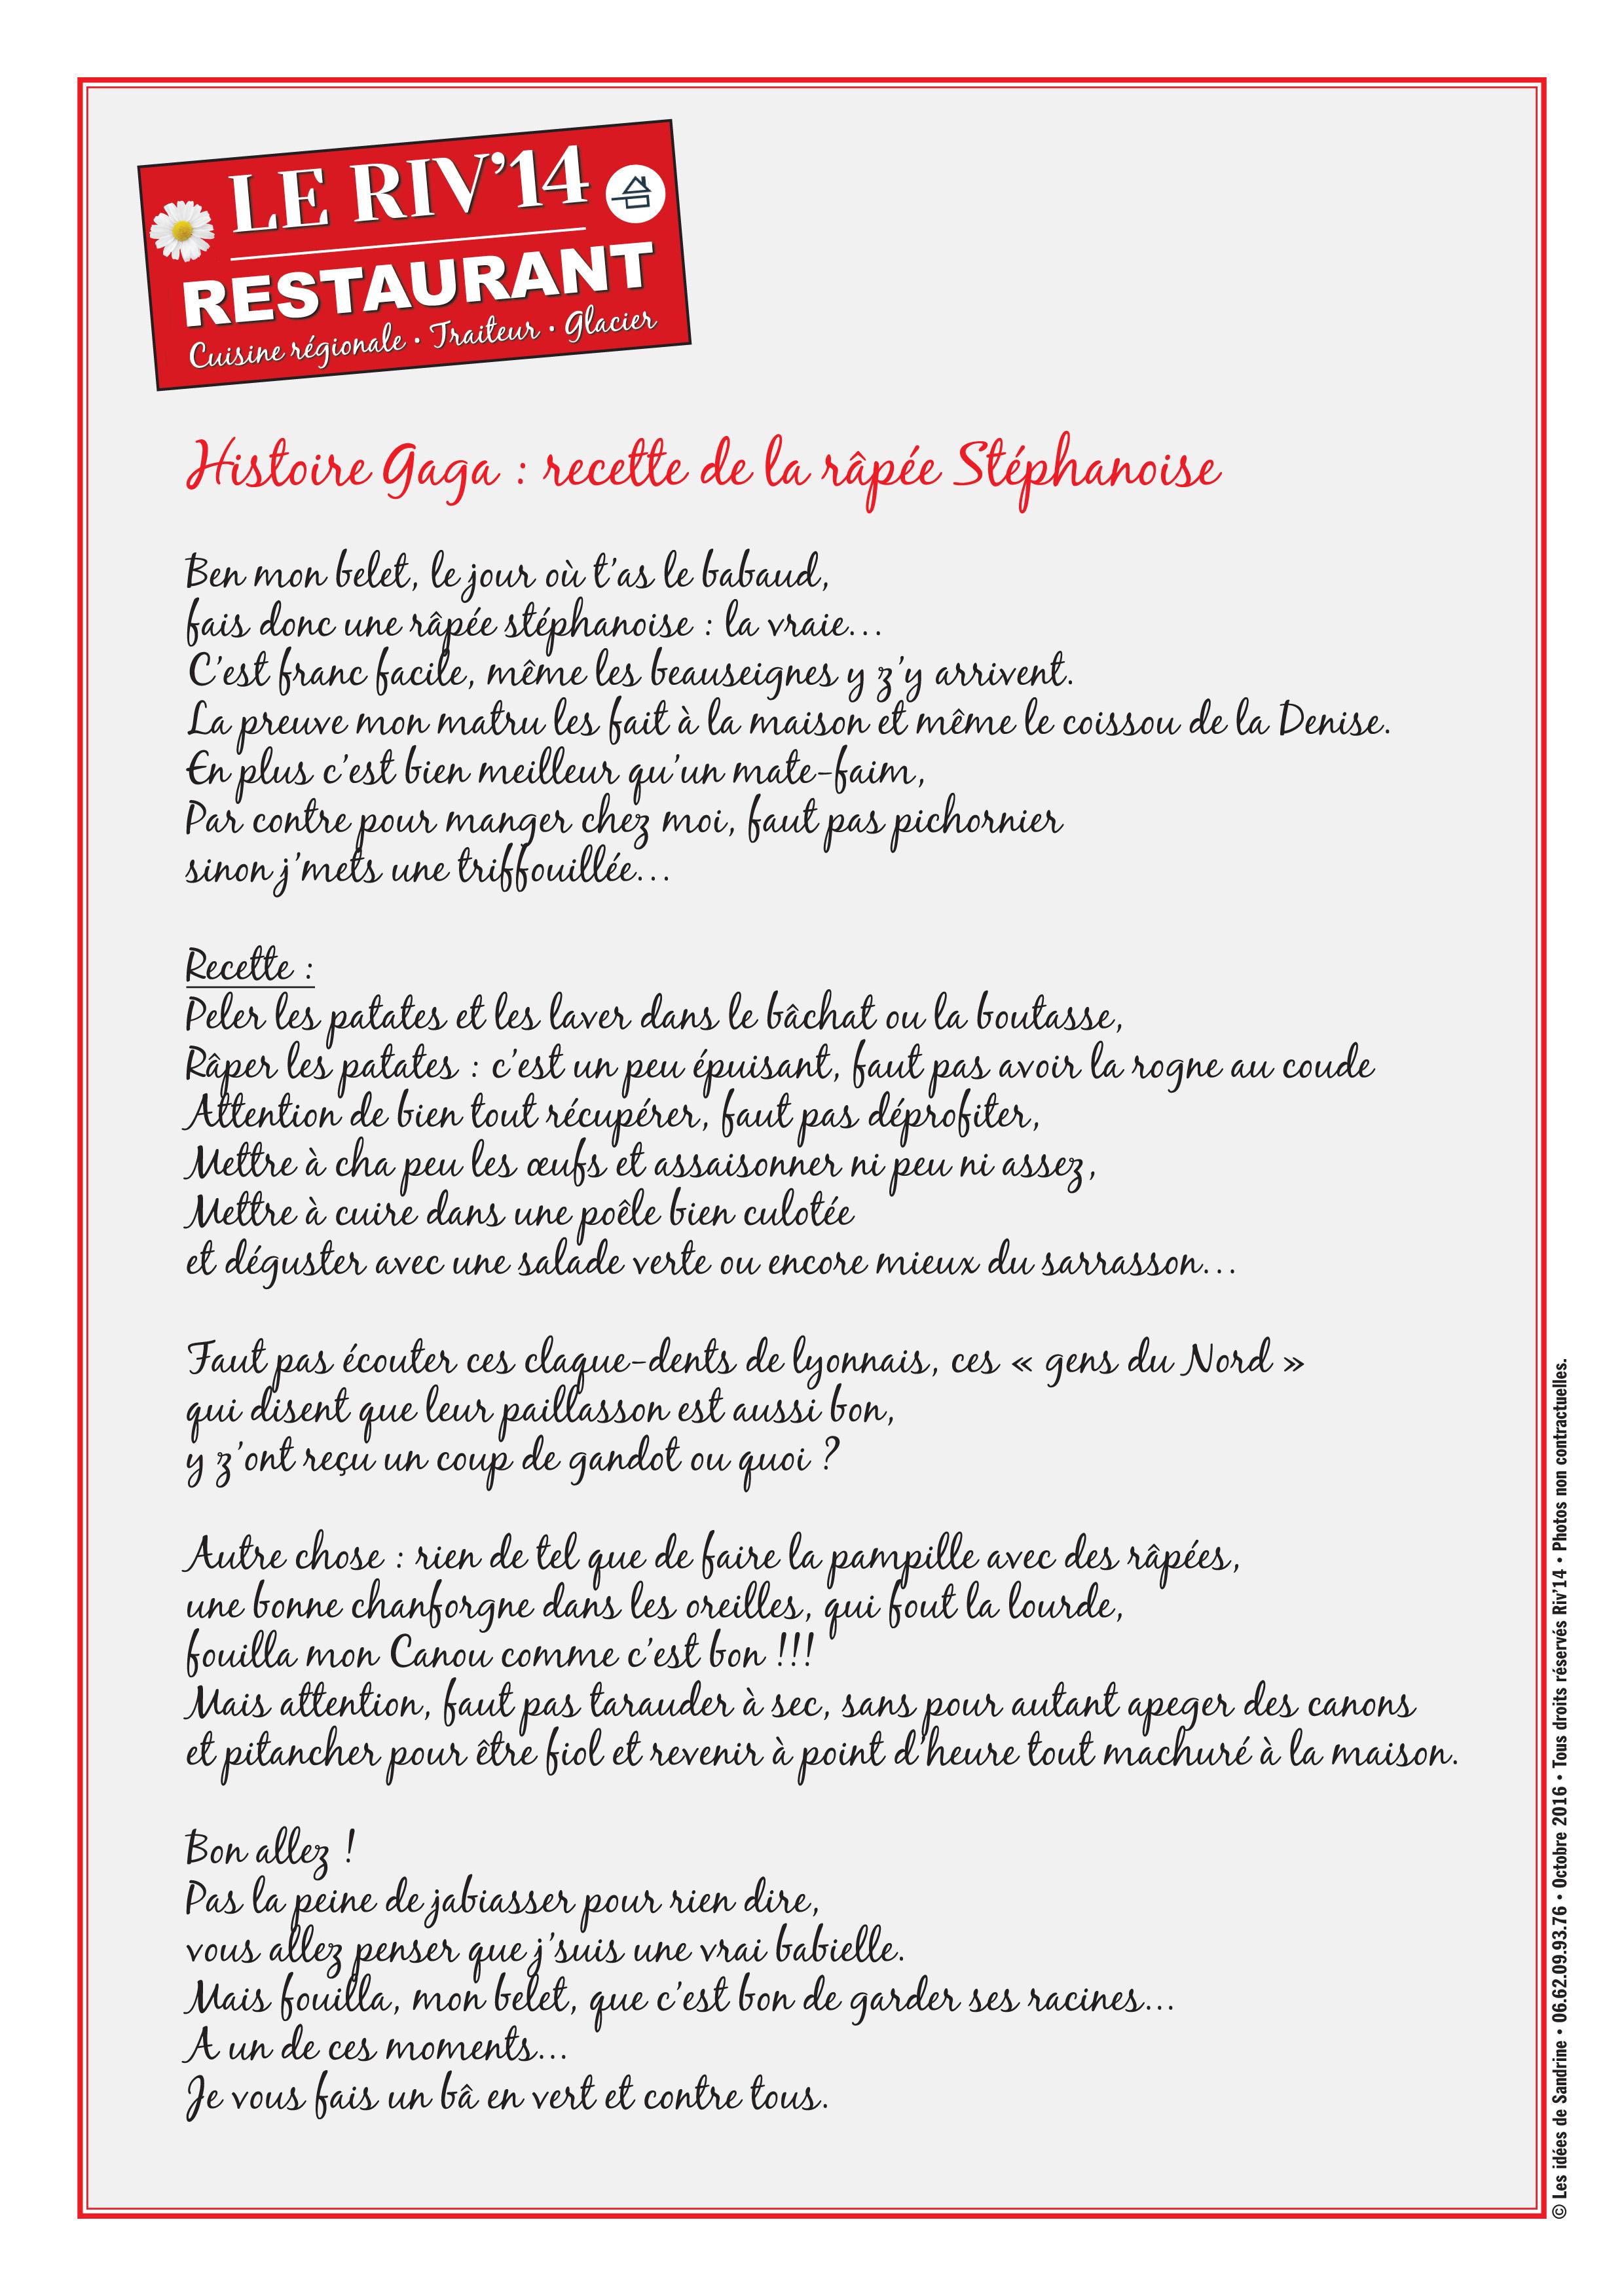 Menus Riv14-Page2-Histoire gaga-©Les idées de Sandrine